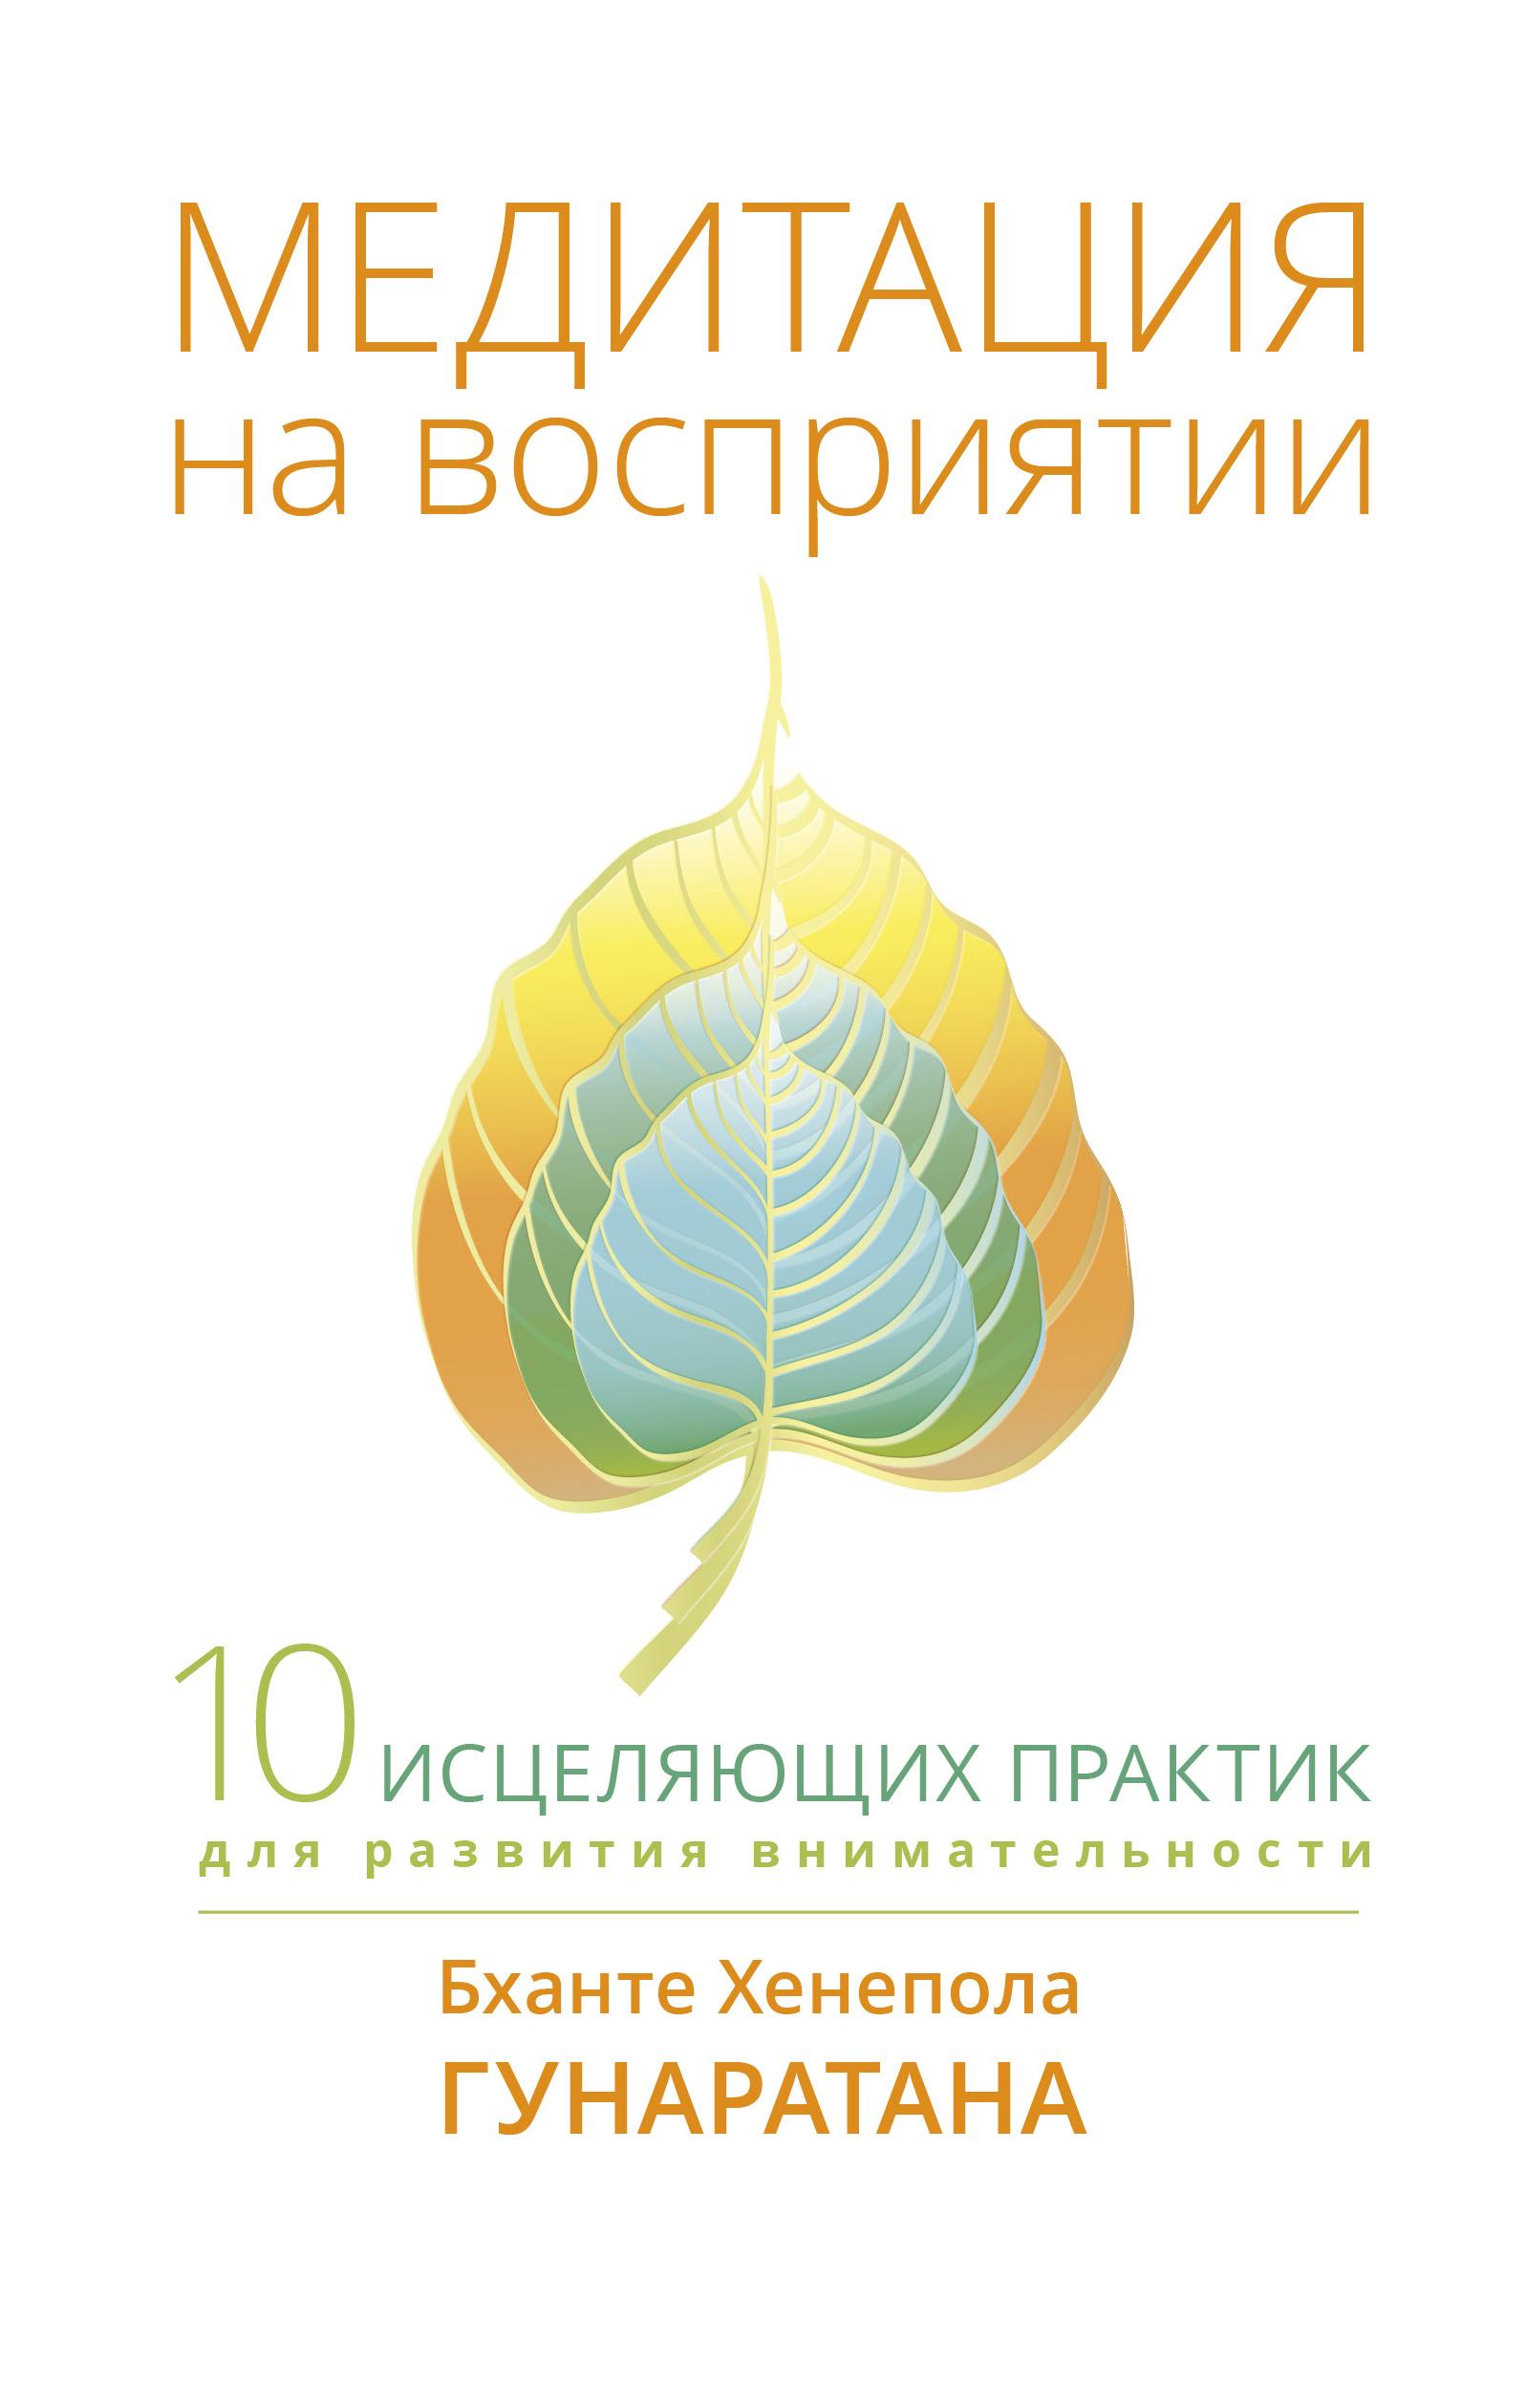 Бханте Хенепола Гунаратана, Ольга Турухина «Медитация на восприятии. Десять исцеляющих практик для развития внимательности»